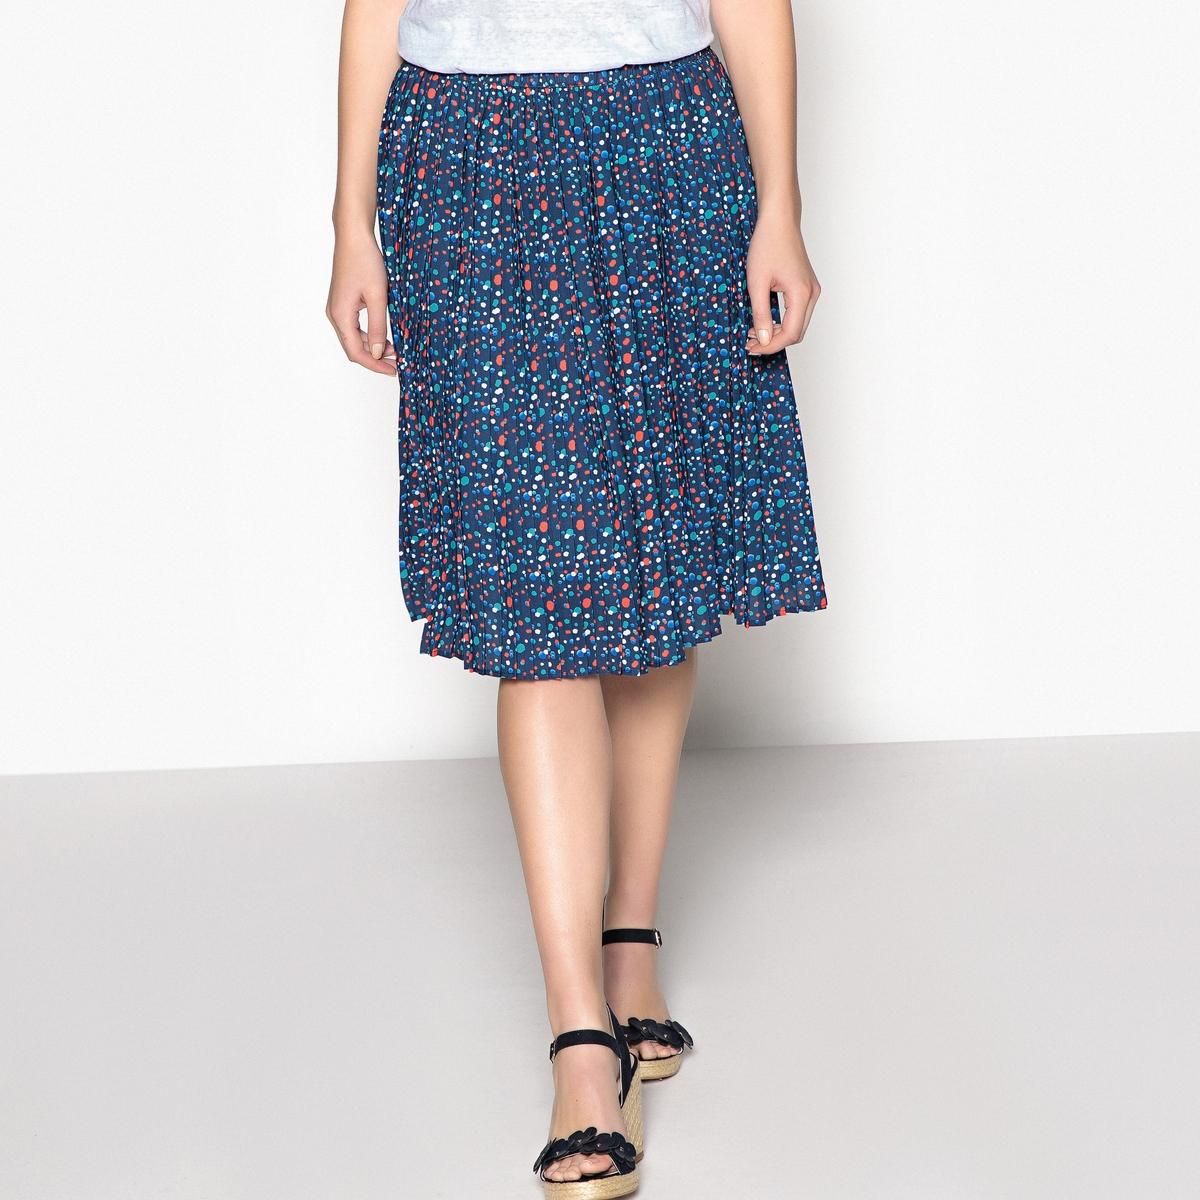 Imagen secundaria de producto de Falda plisada estampada, semilarga - Anne weyburn